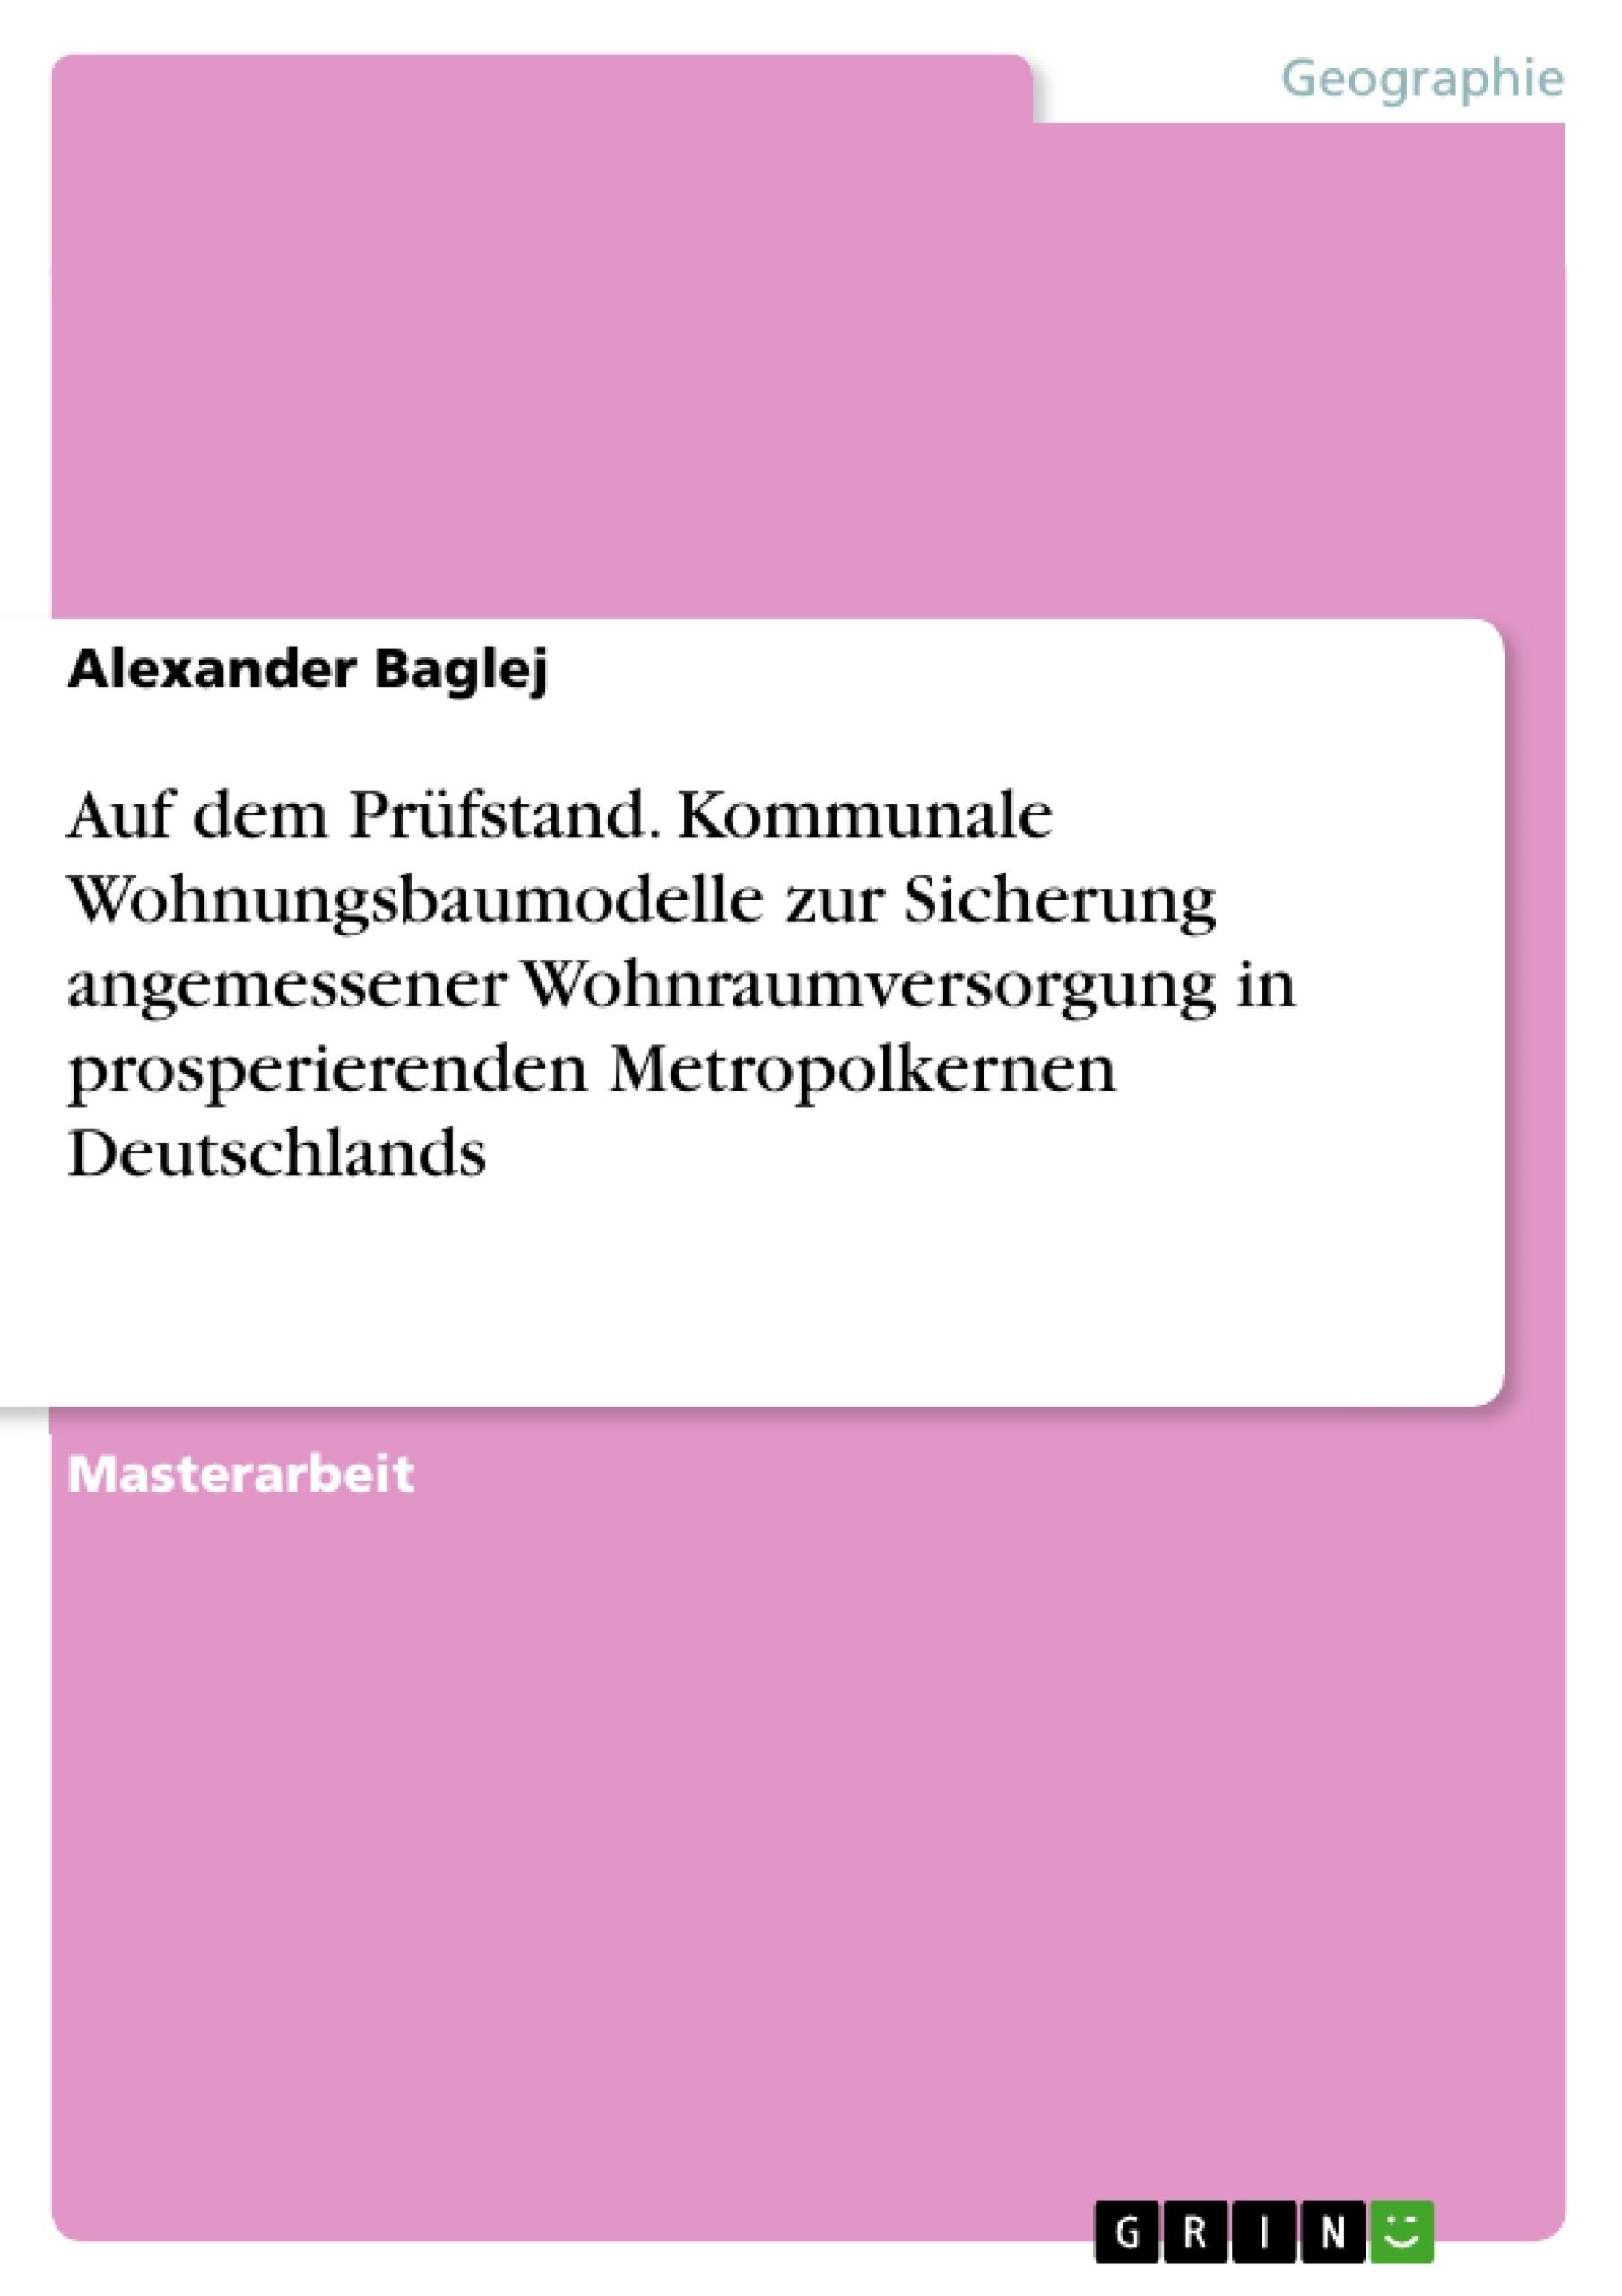 Titel: Auf dem Prüfstand. Kommunale Wohnungsbaumodelle zur Sicherung angemessener Wohnraumversorgung in prosperierenden Metropolkernen Deutschlands